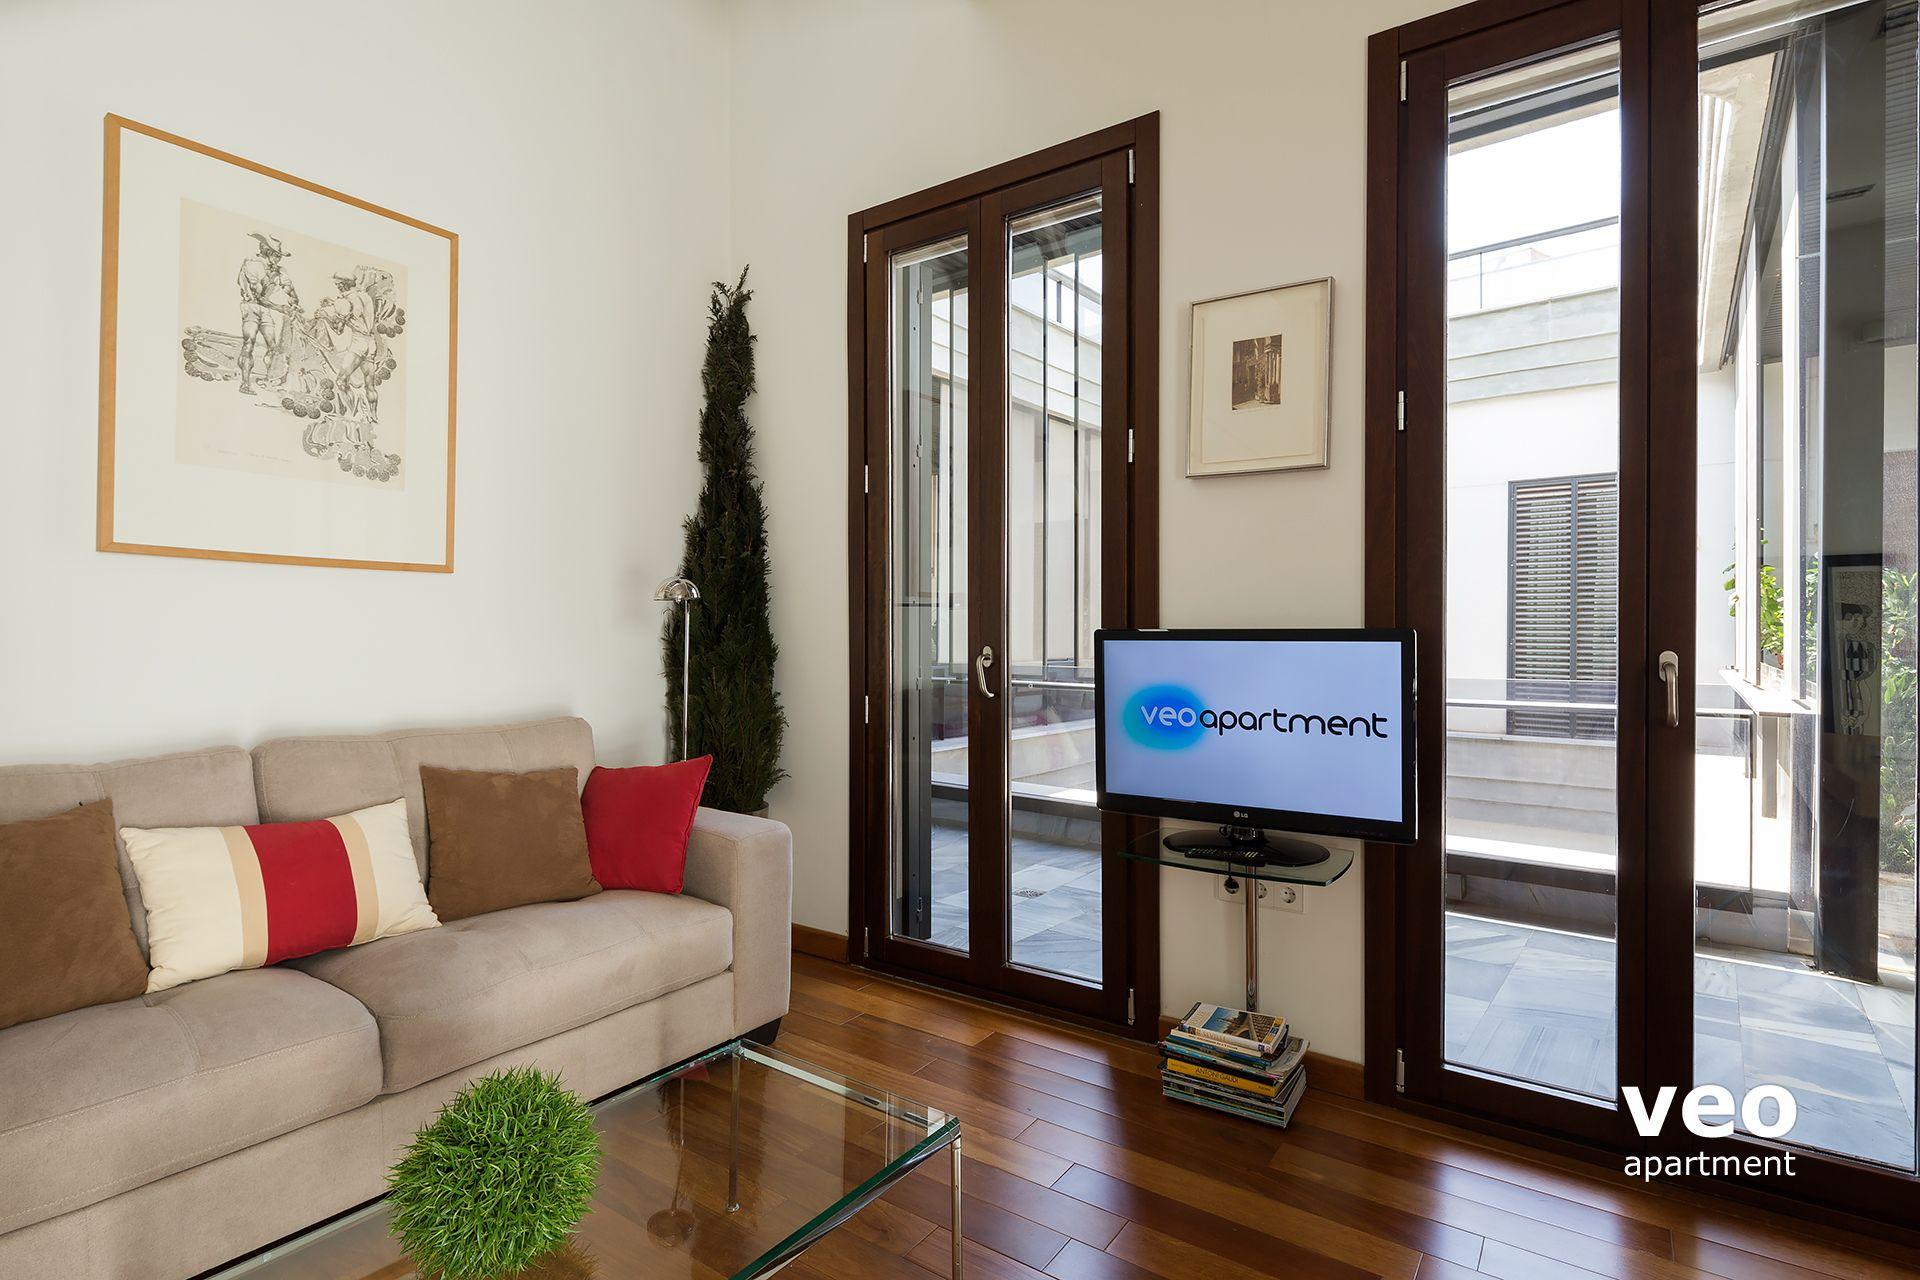 Sevilla apartmento calle corral del rey sevilla espa a for Registro bienes muebles sevilla